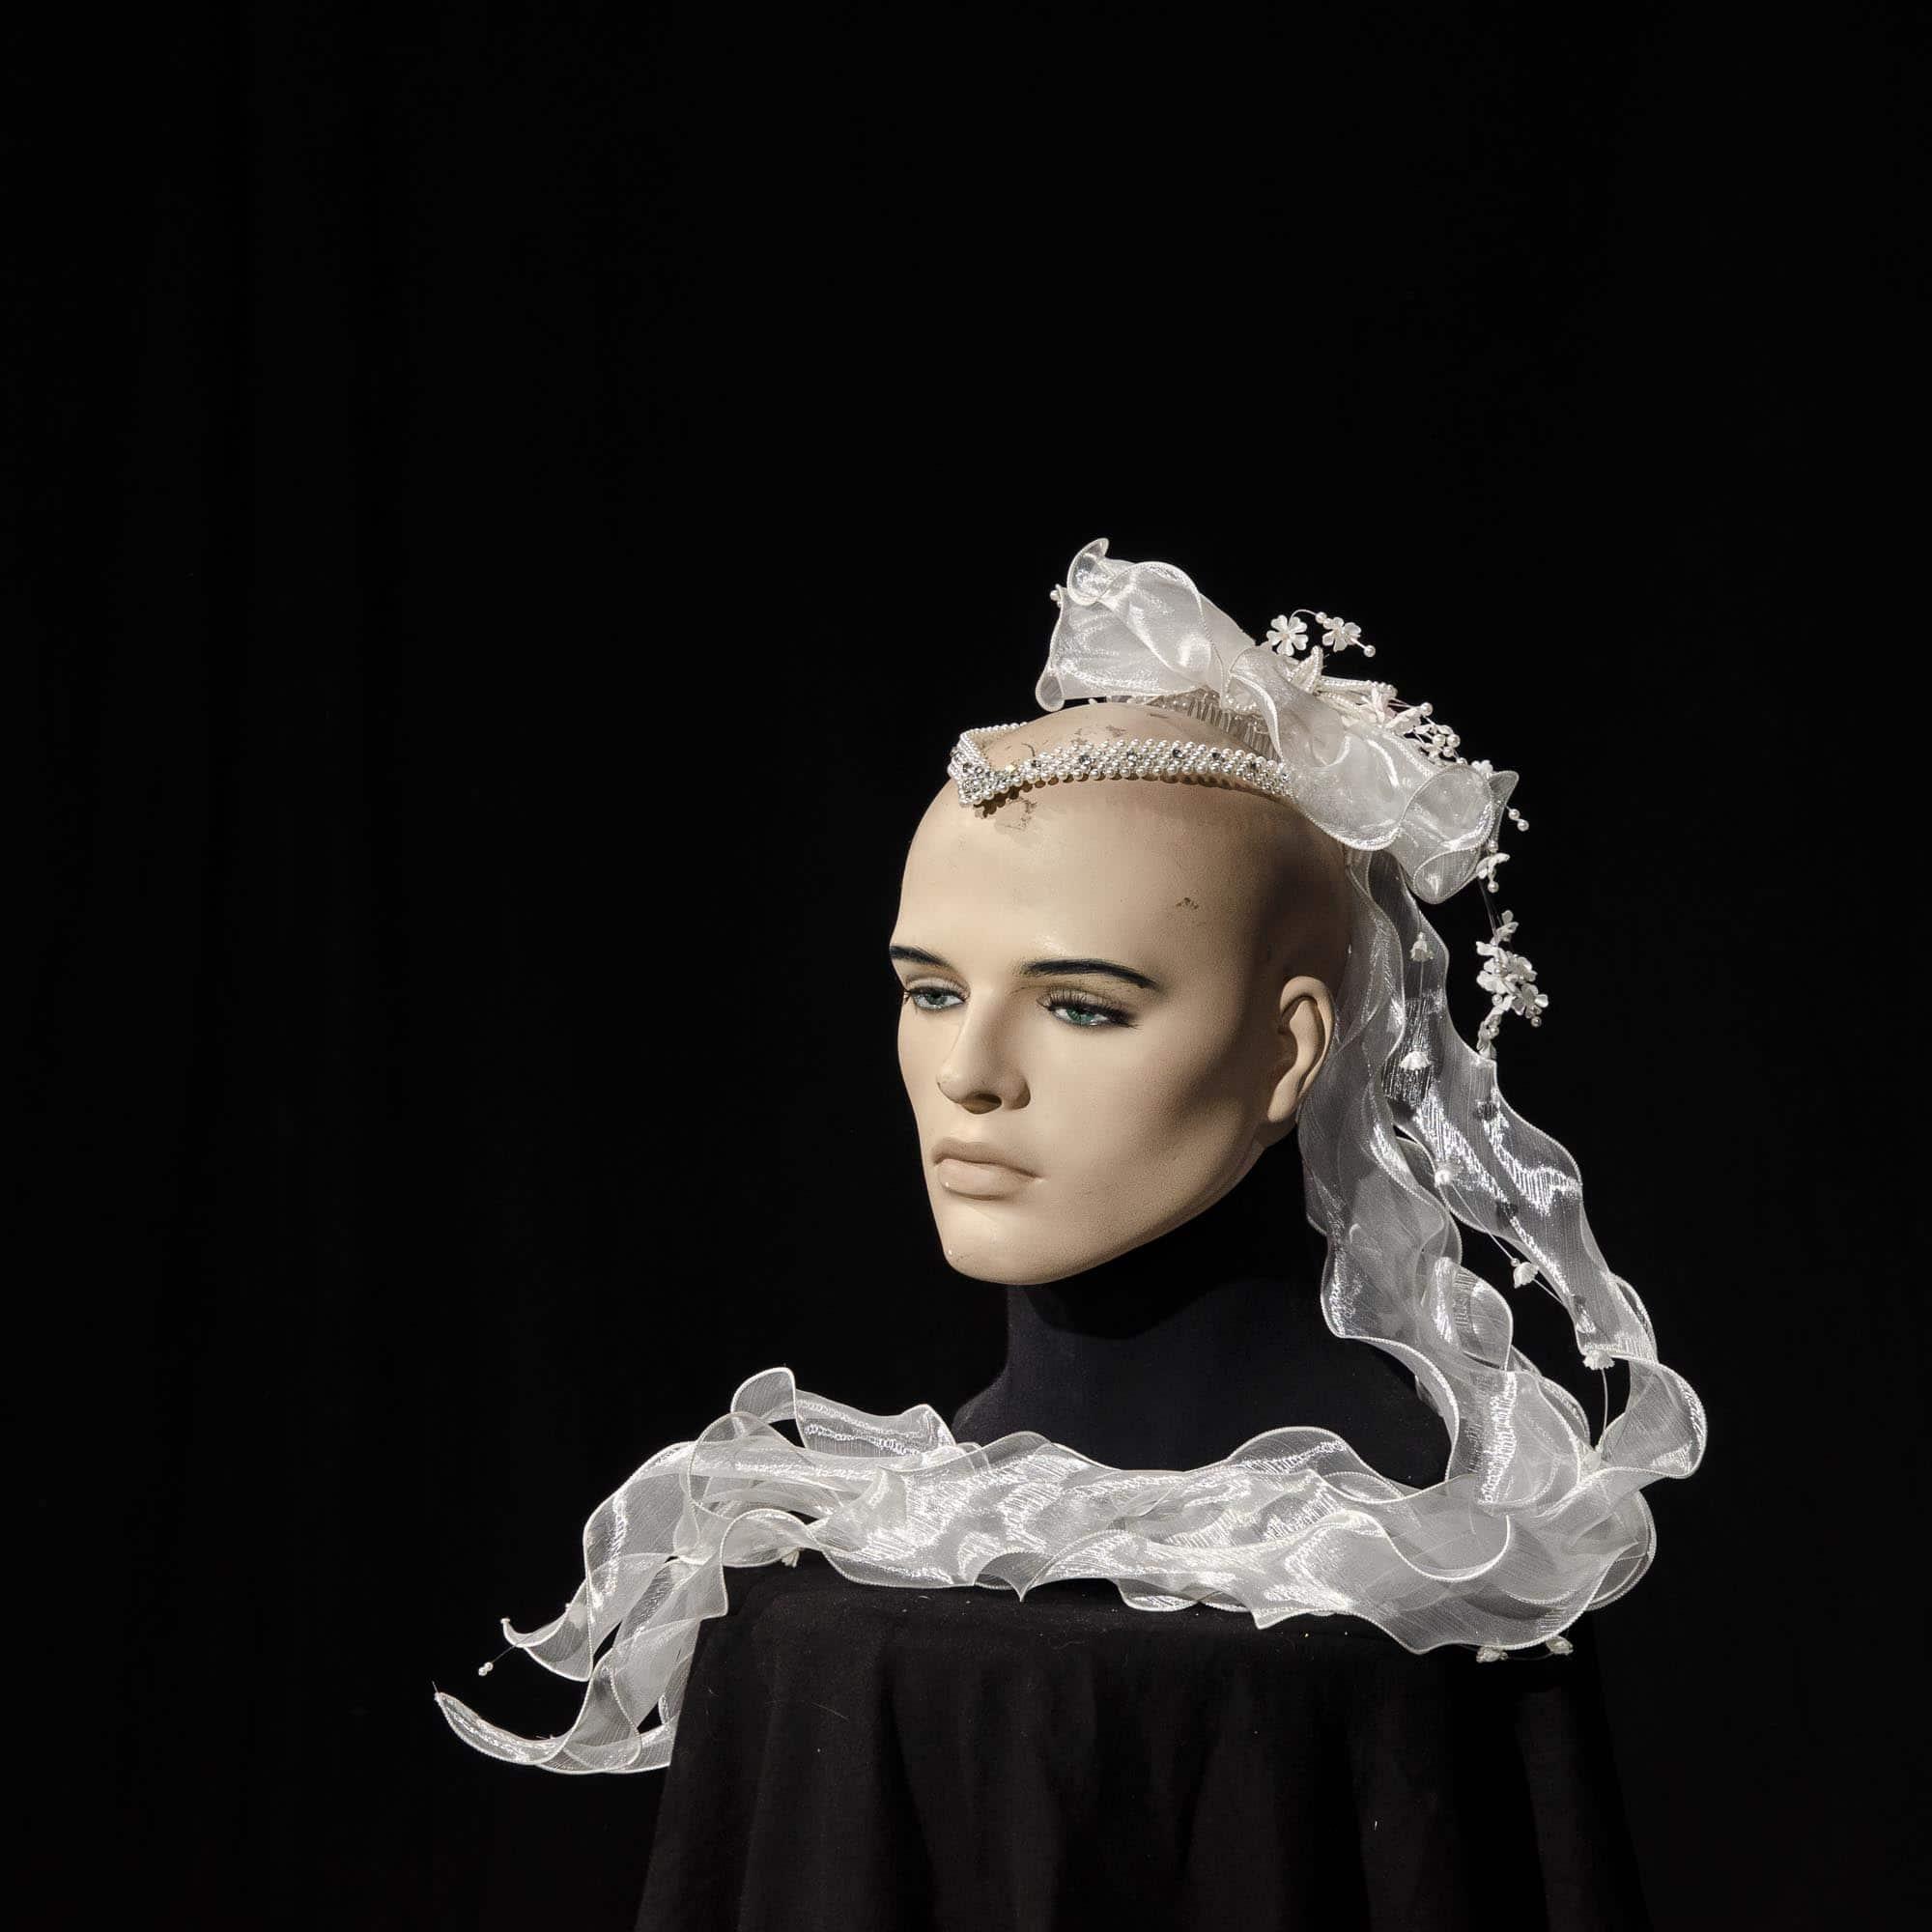 Kopfschmuck 'Braut' AC011